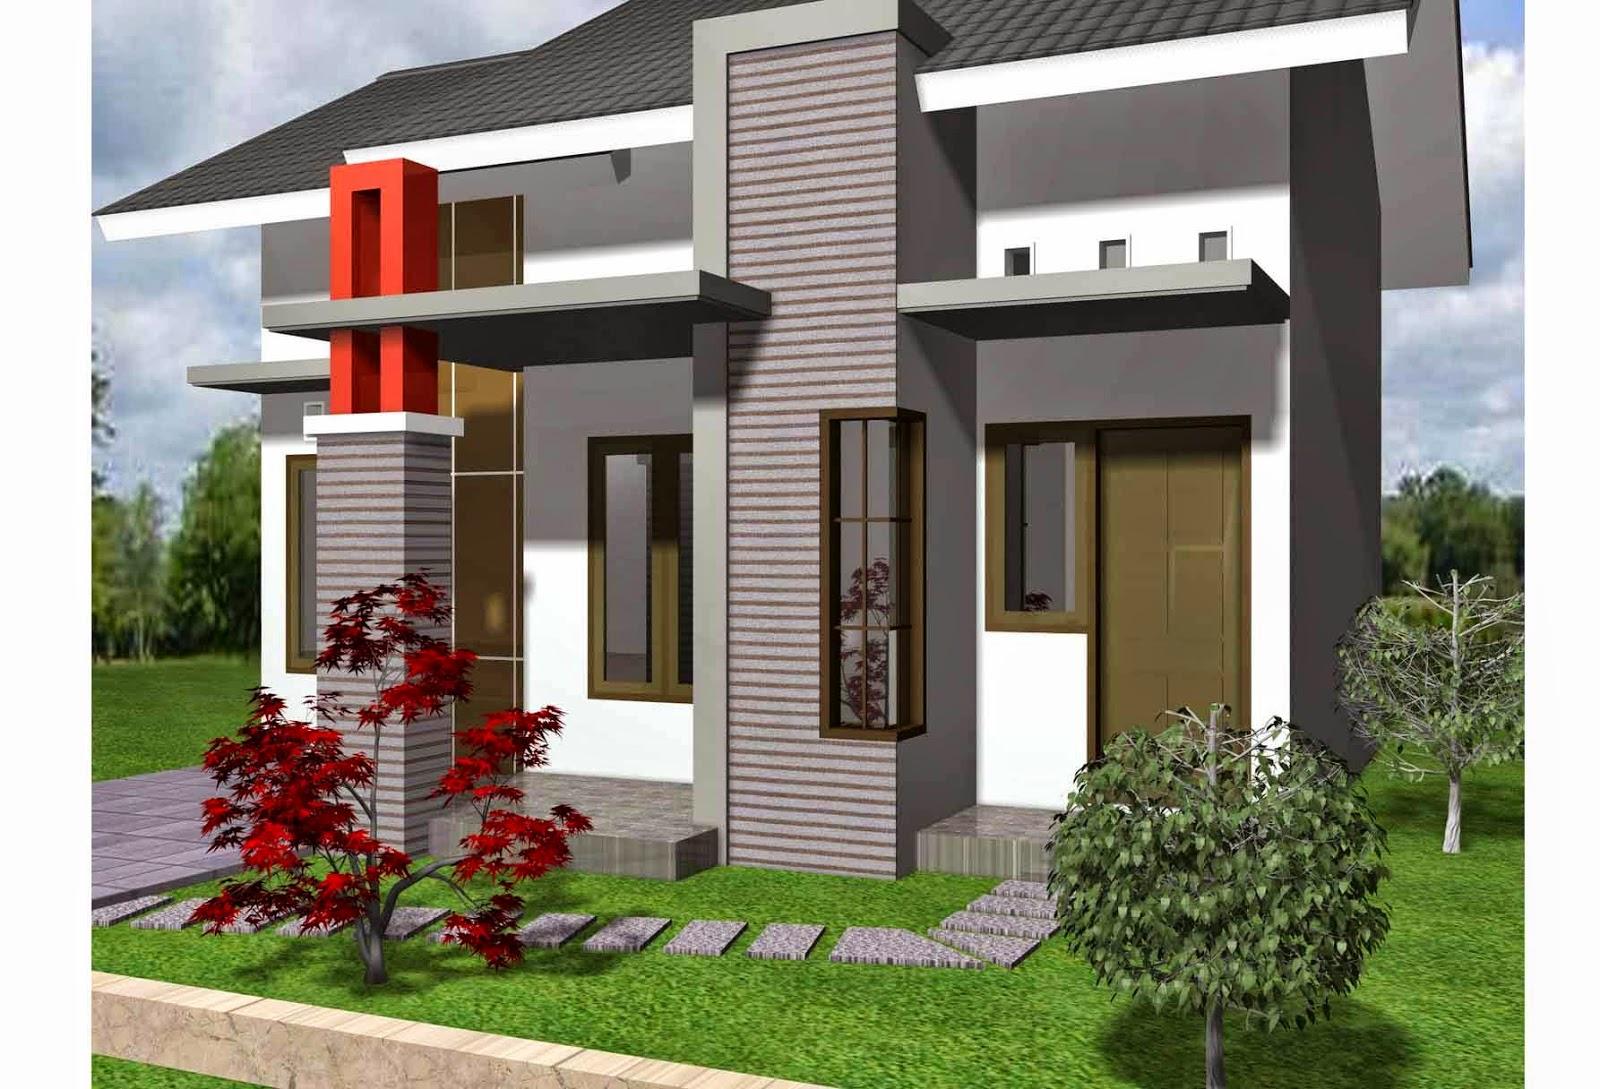 Desain Rumah Minimalis Modern 1 Lantai 2018 Desain Rumah Minimalis